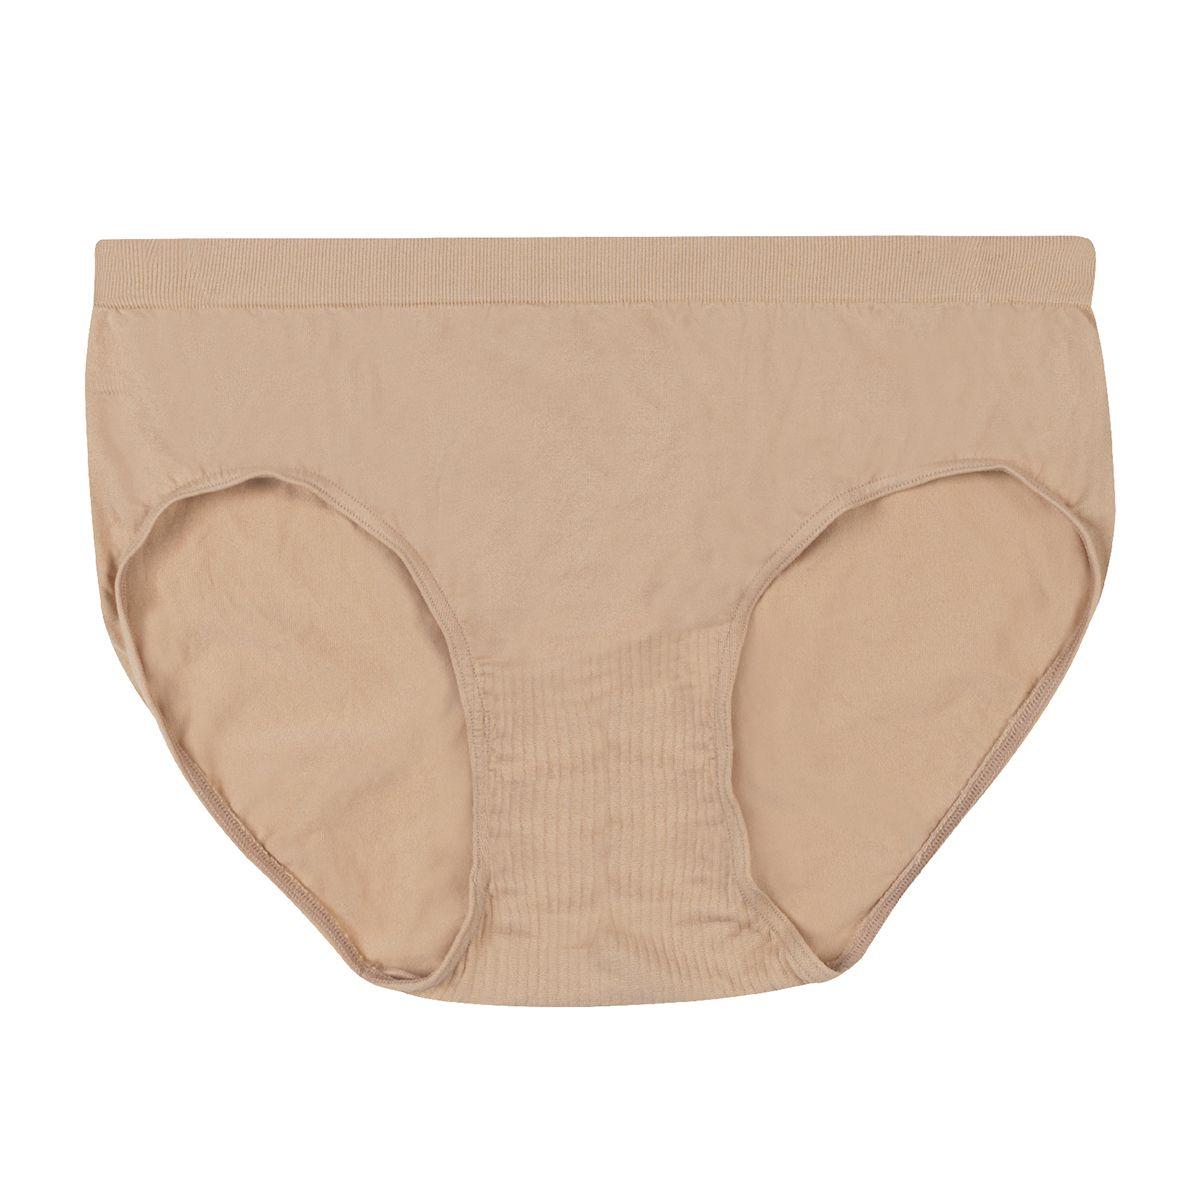 37e14c15c33d2 Bras. Panties